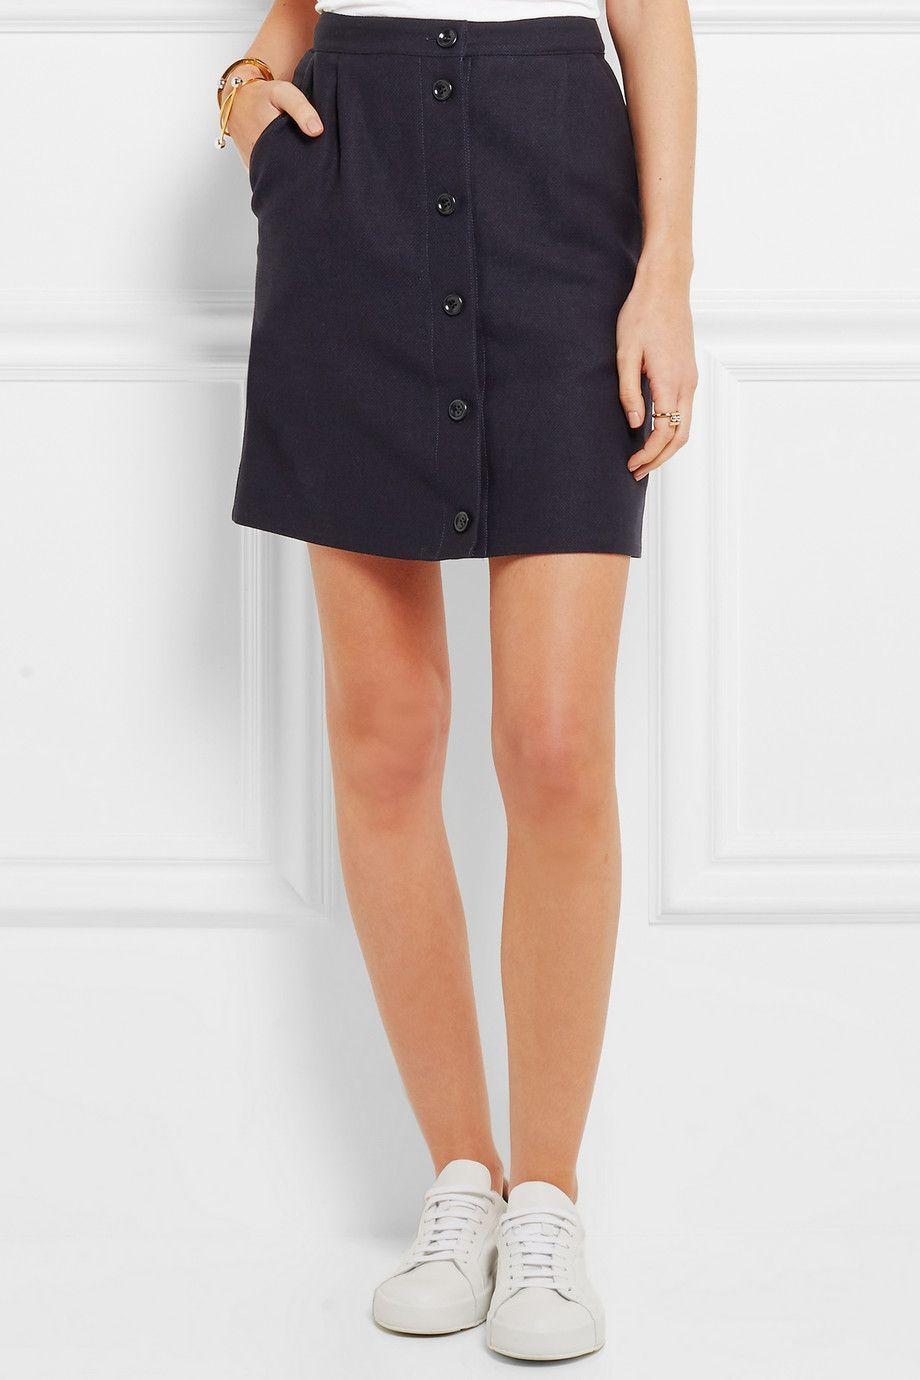 A.P.C. Atelier de Production et de Création | Monica linen and cotton-blend mini skirt | NET-A-PORTER.COM